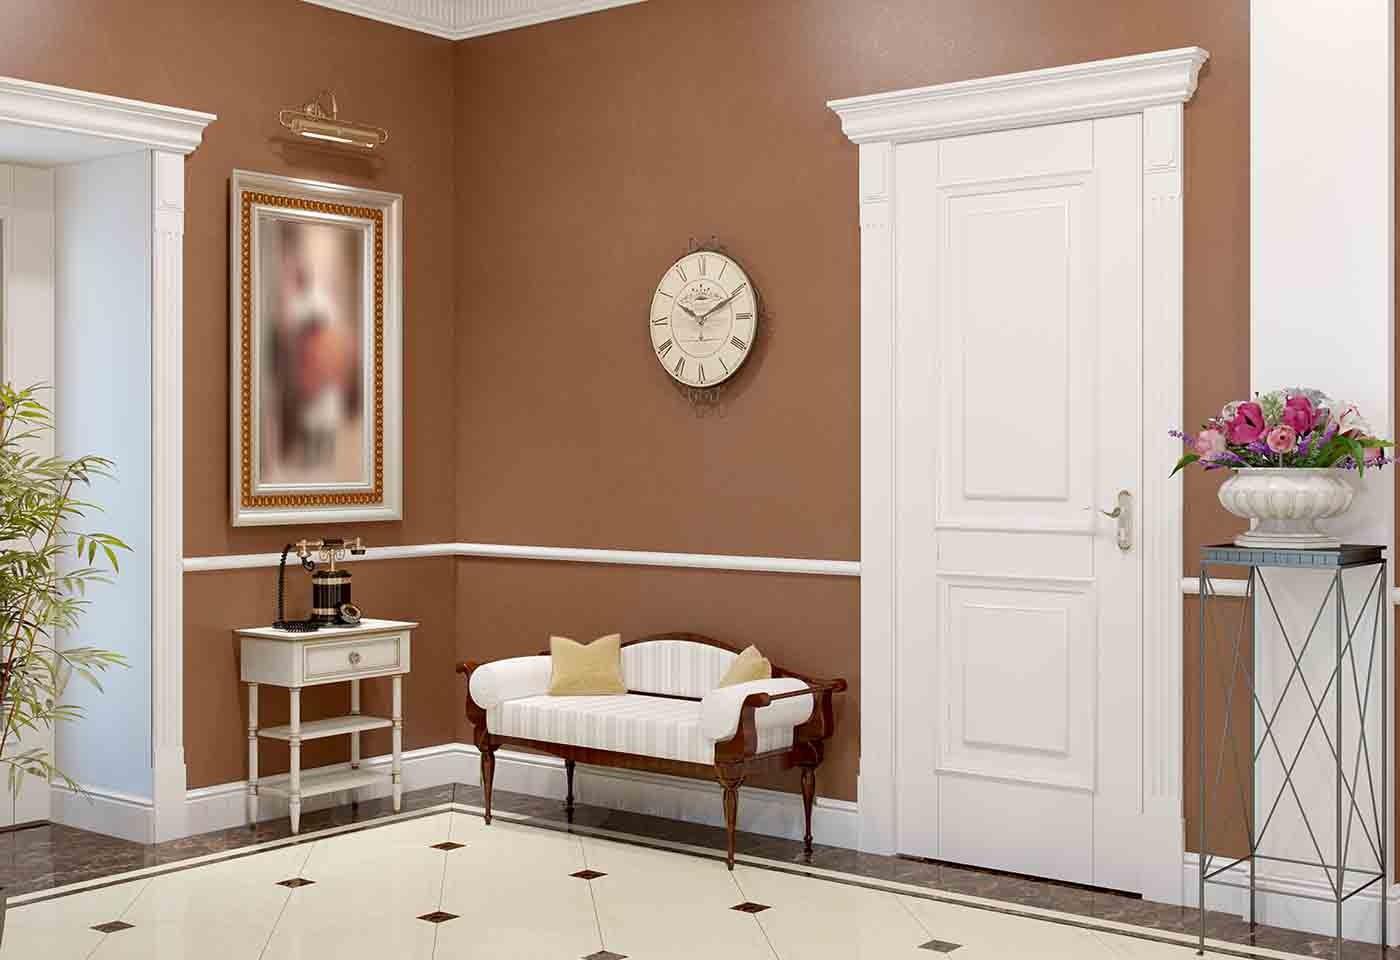 Illuminazione Di Un Corridoio : Come arredare al meglio un corridoio estetica e funzionalità